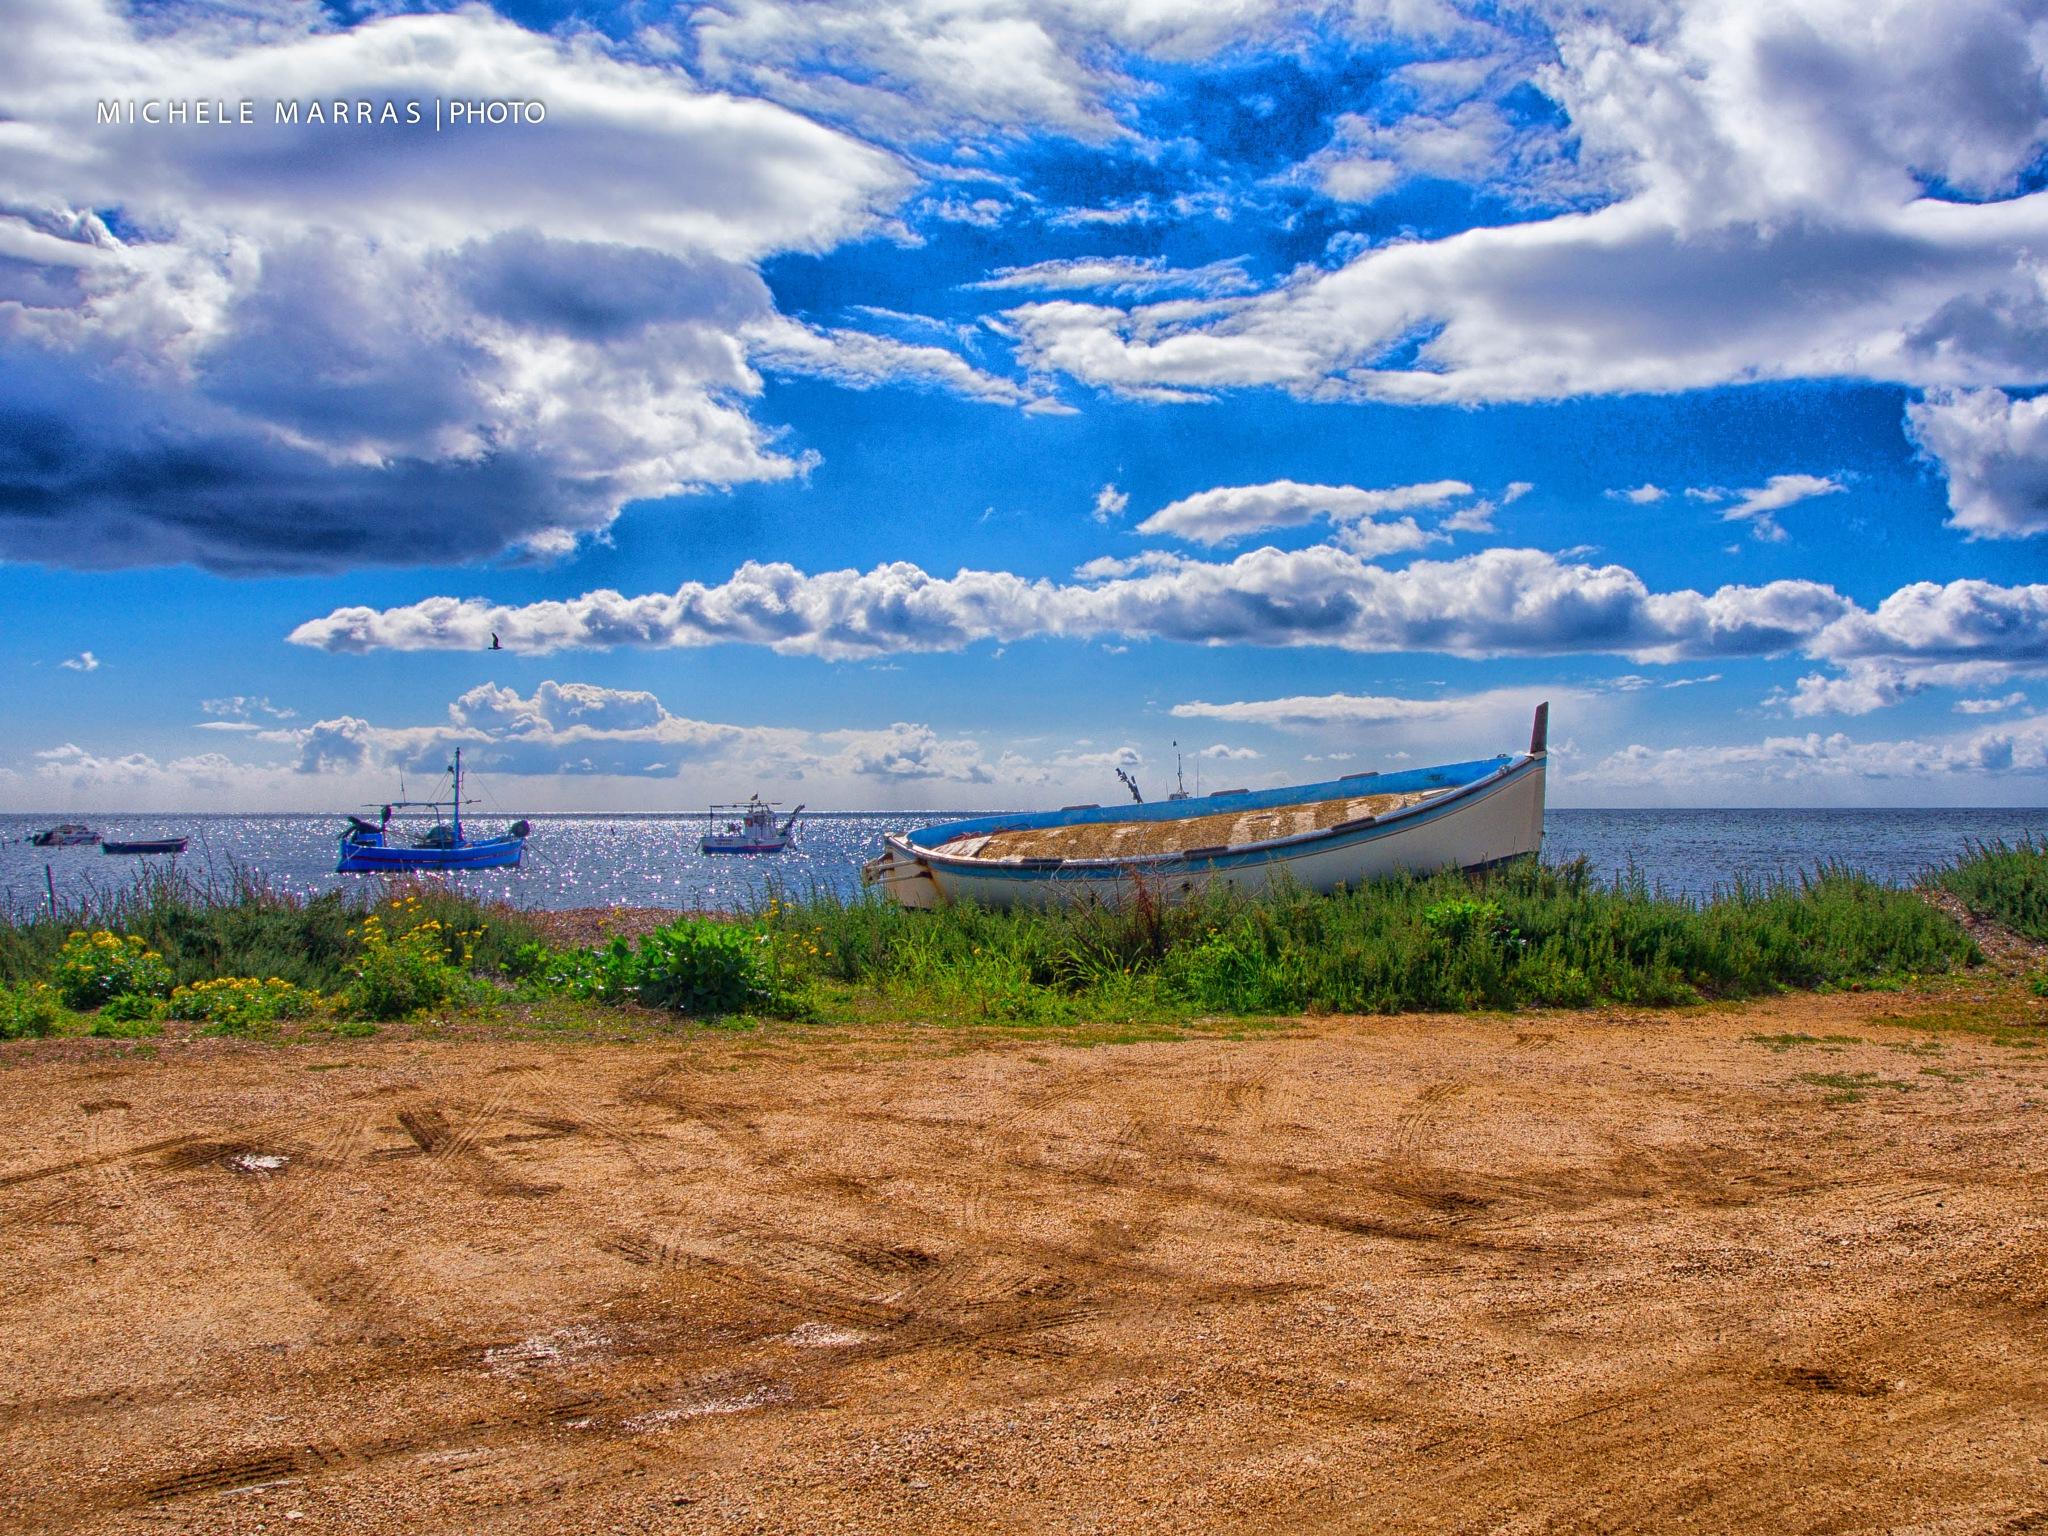 Barche e nuvole nella baia by Michele Pinna Marras